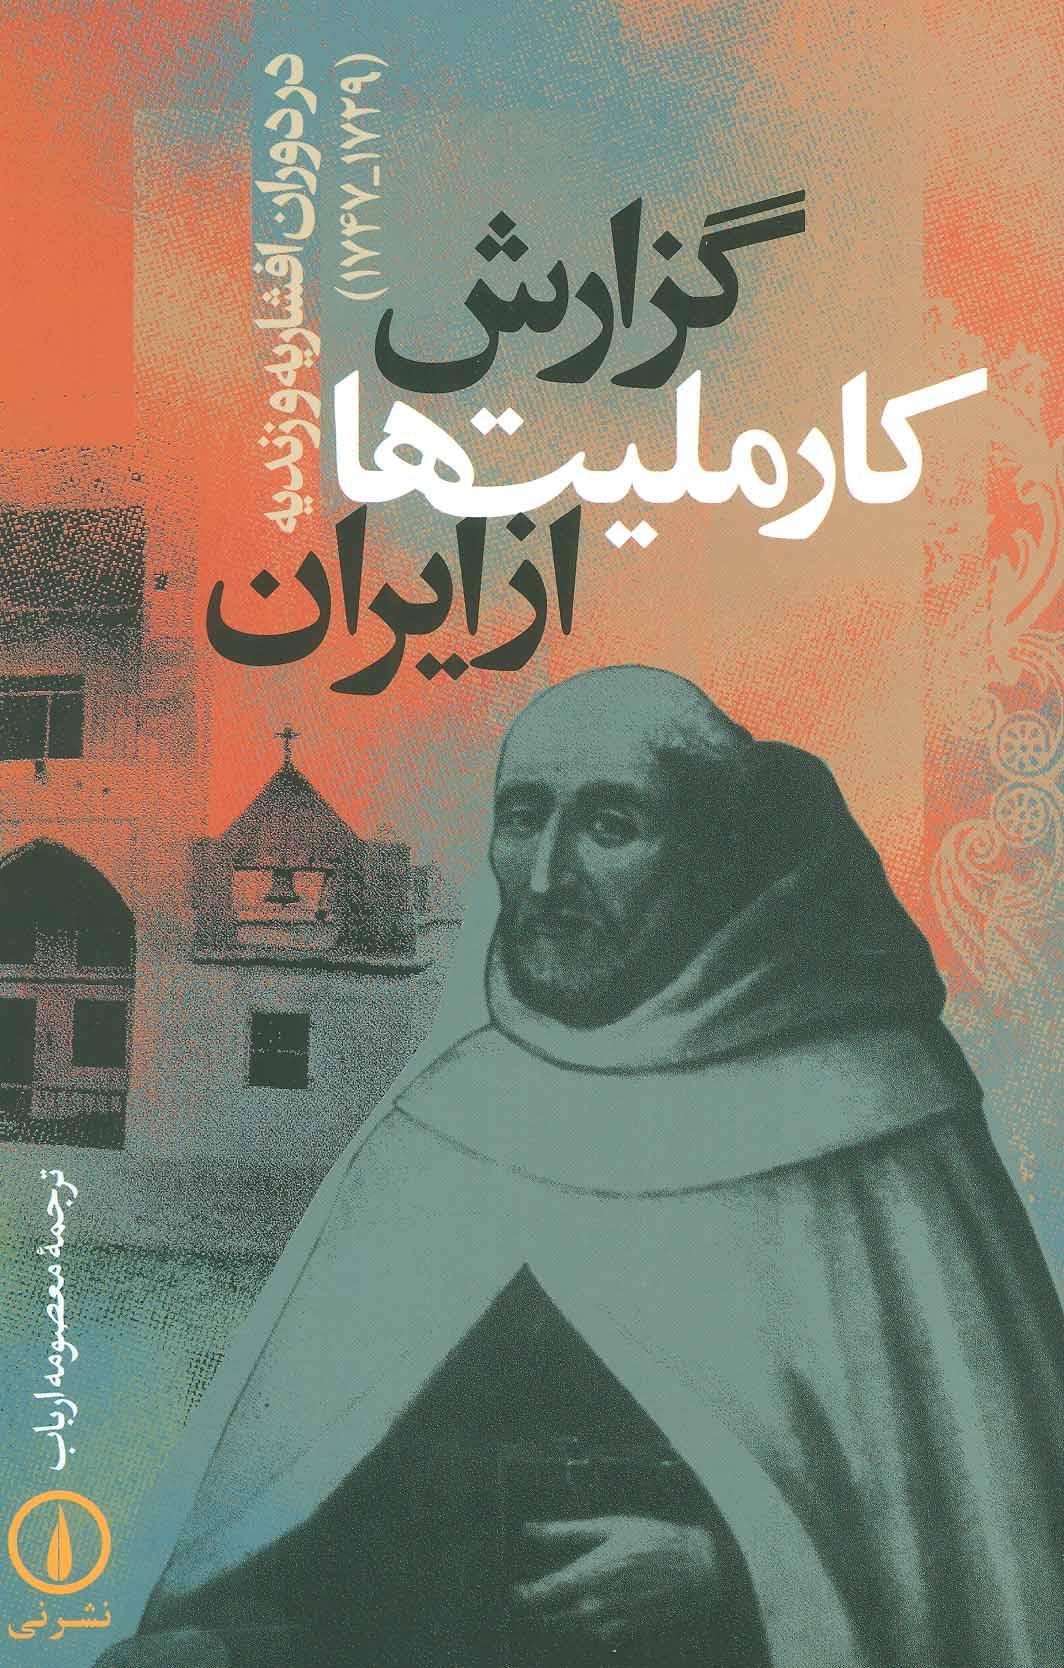 کتاب گزارش کارملیتها از ایران در دوران افشاریه و زندیه (۱۷۲۹-۱۷۴۷)